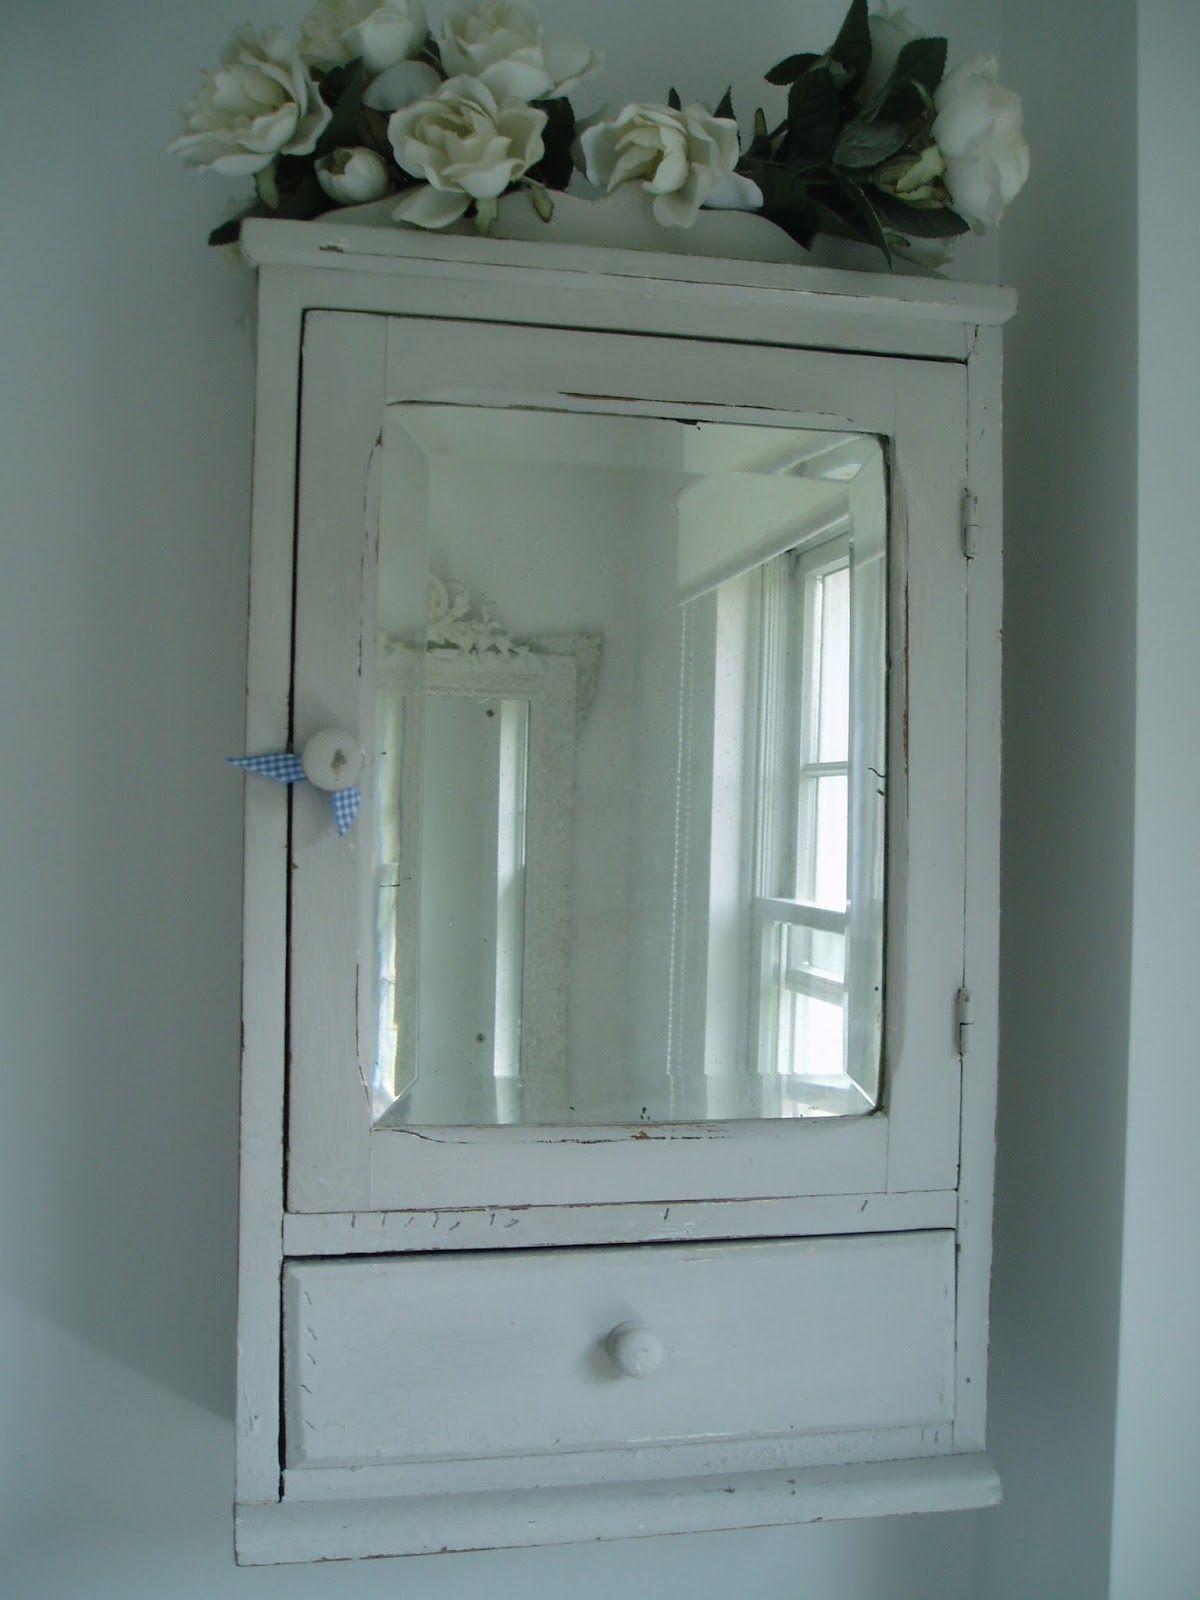 vintage bathroom cabinets for storage. Vintage Bathroom Storage Cabinets For O